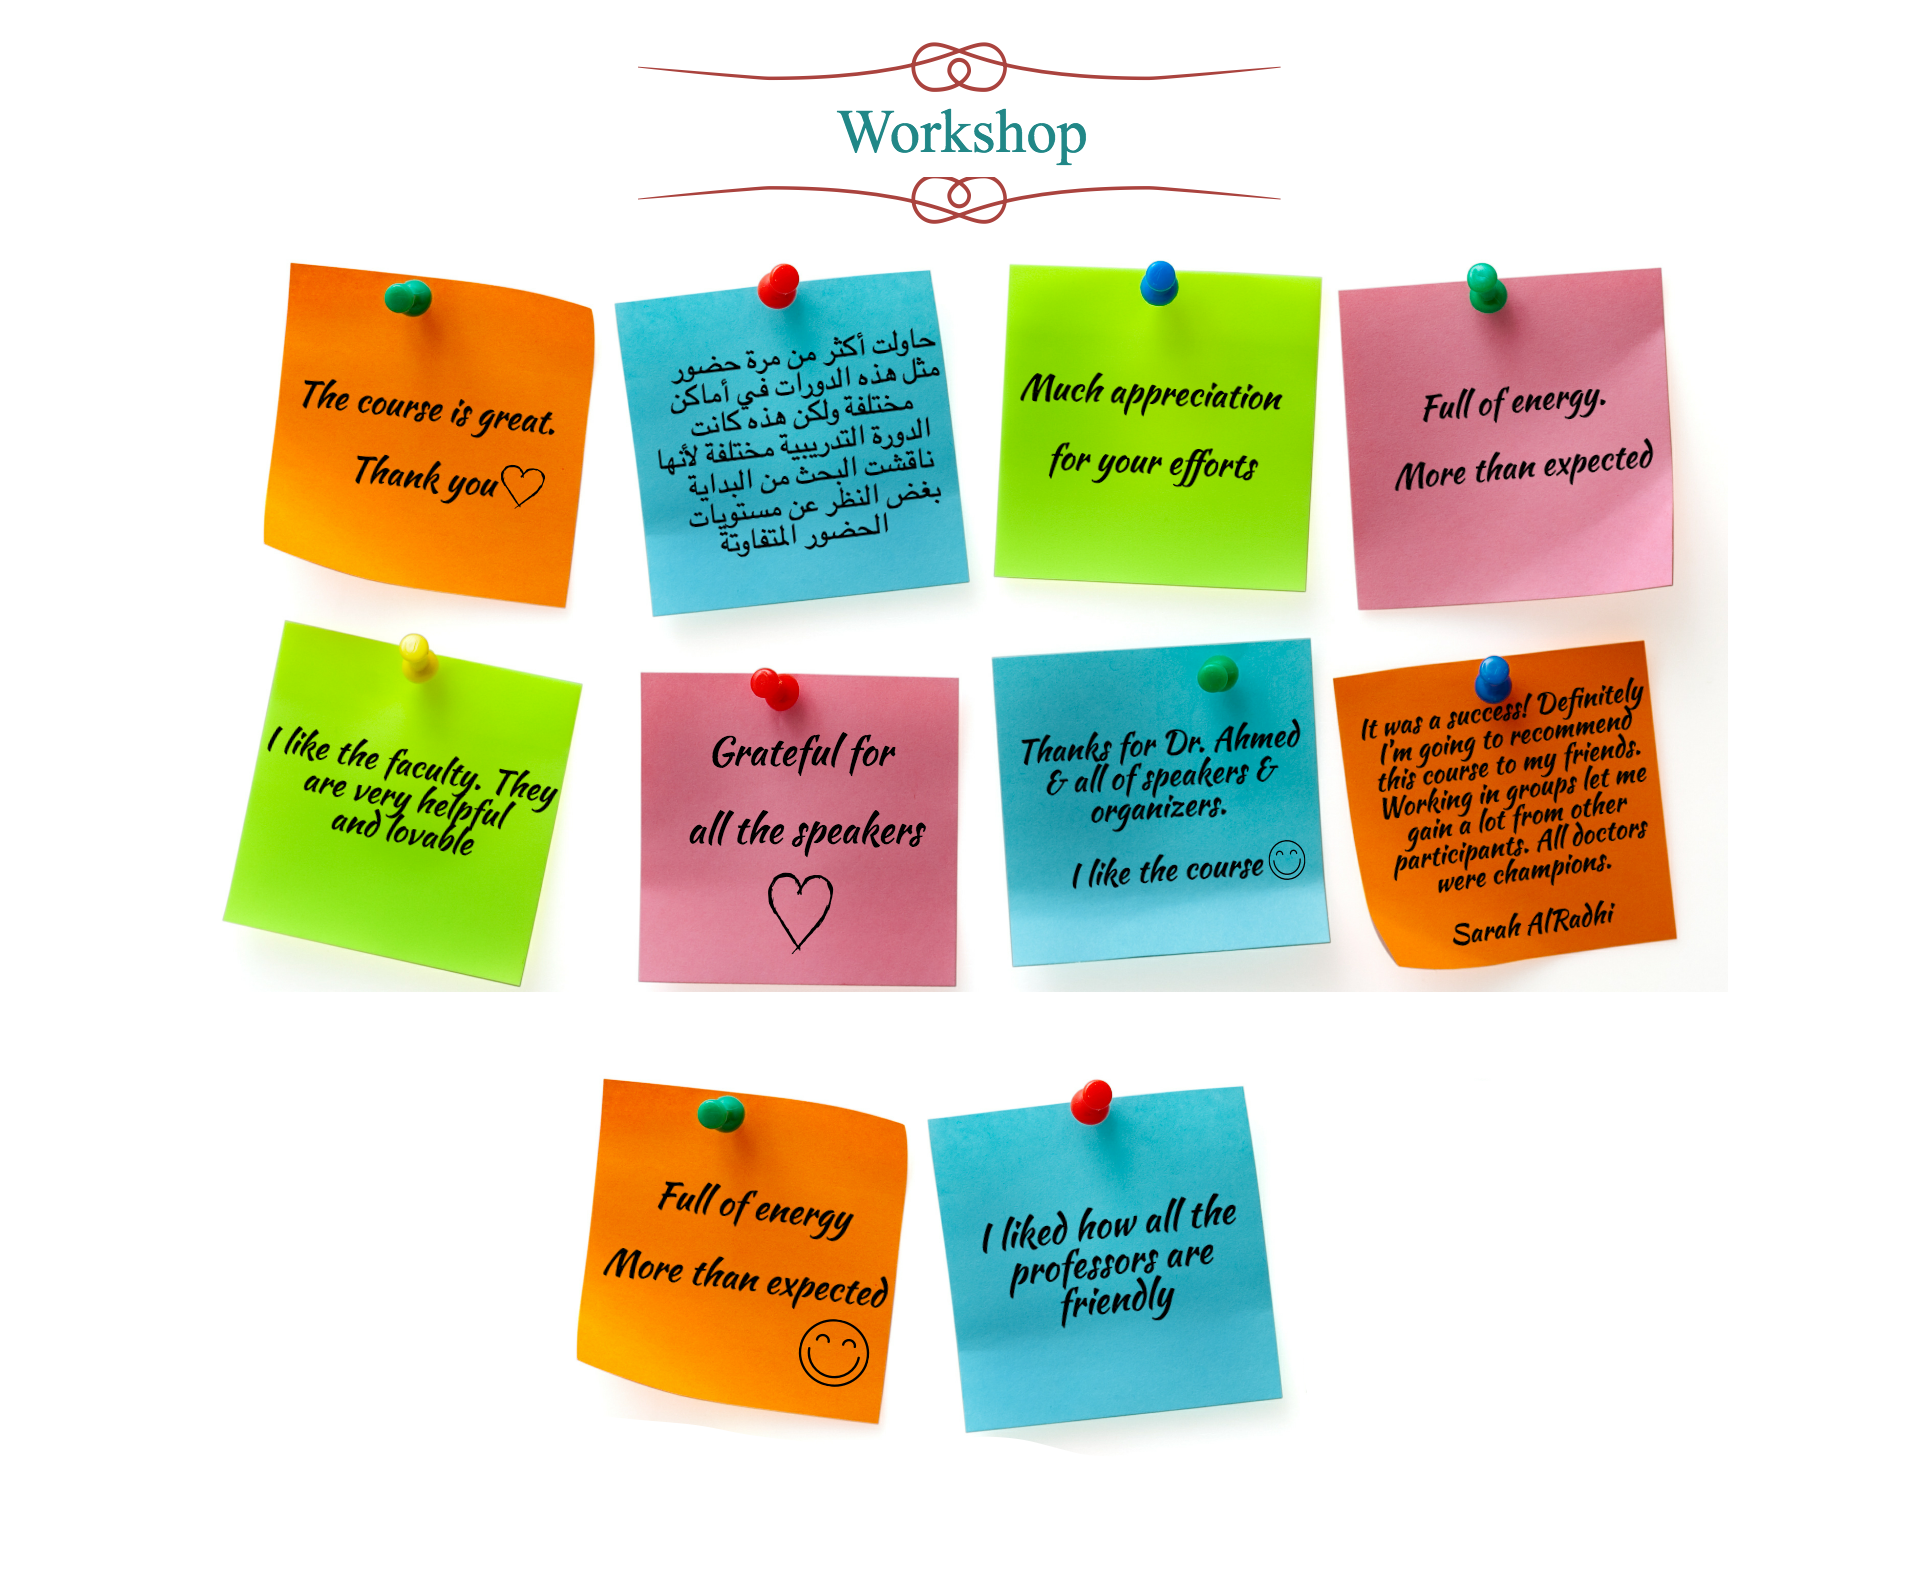 workshop-1-comments